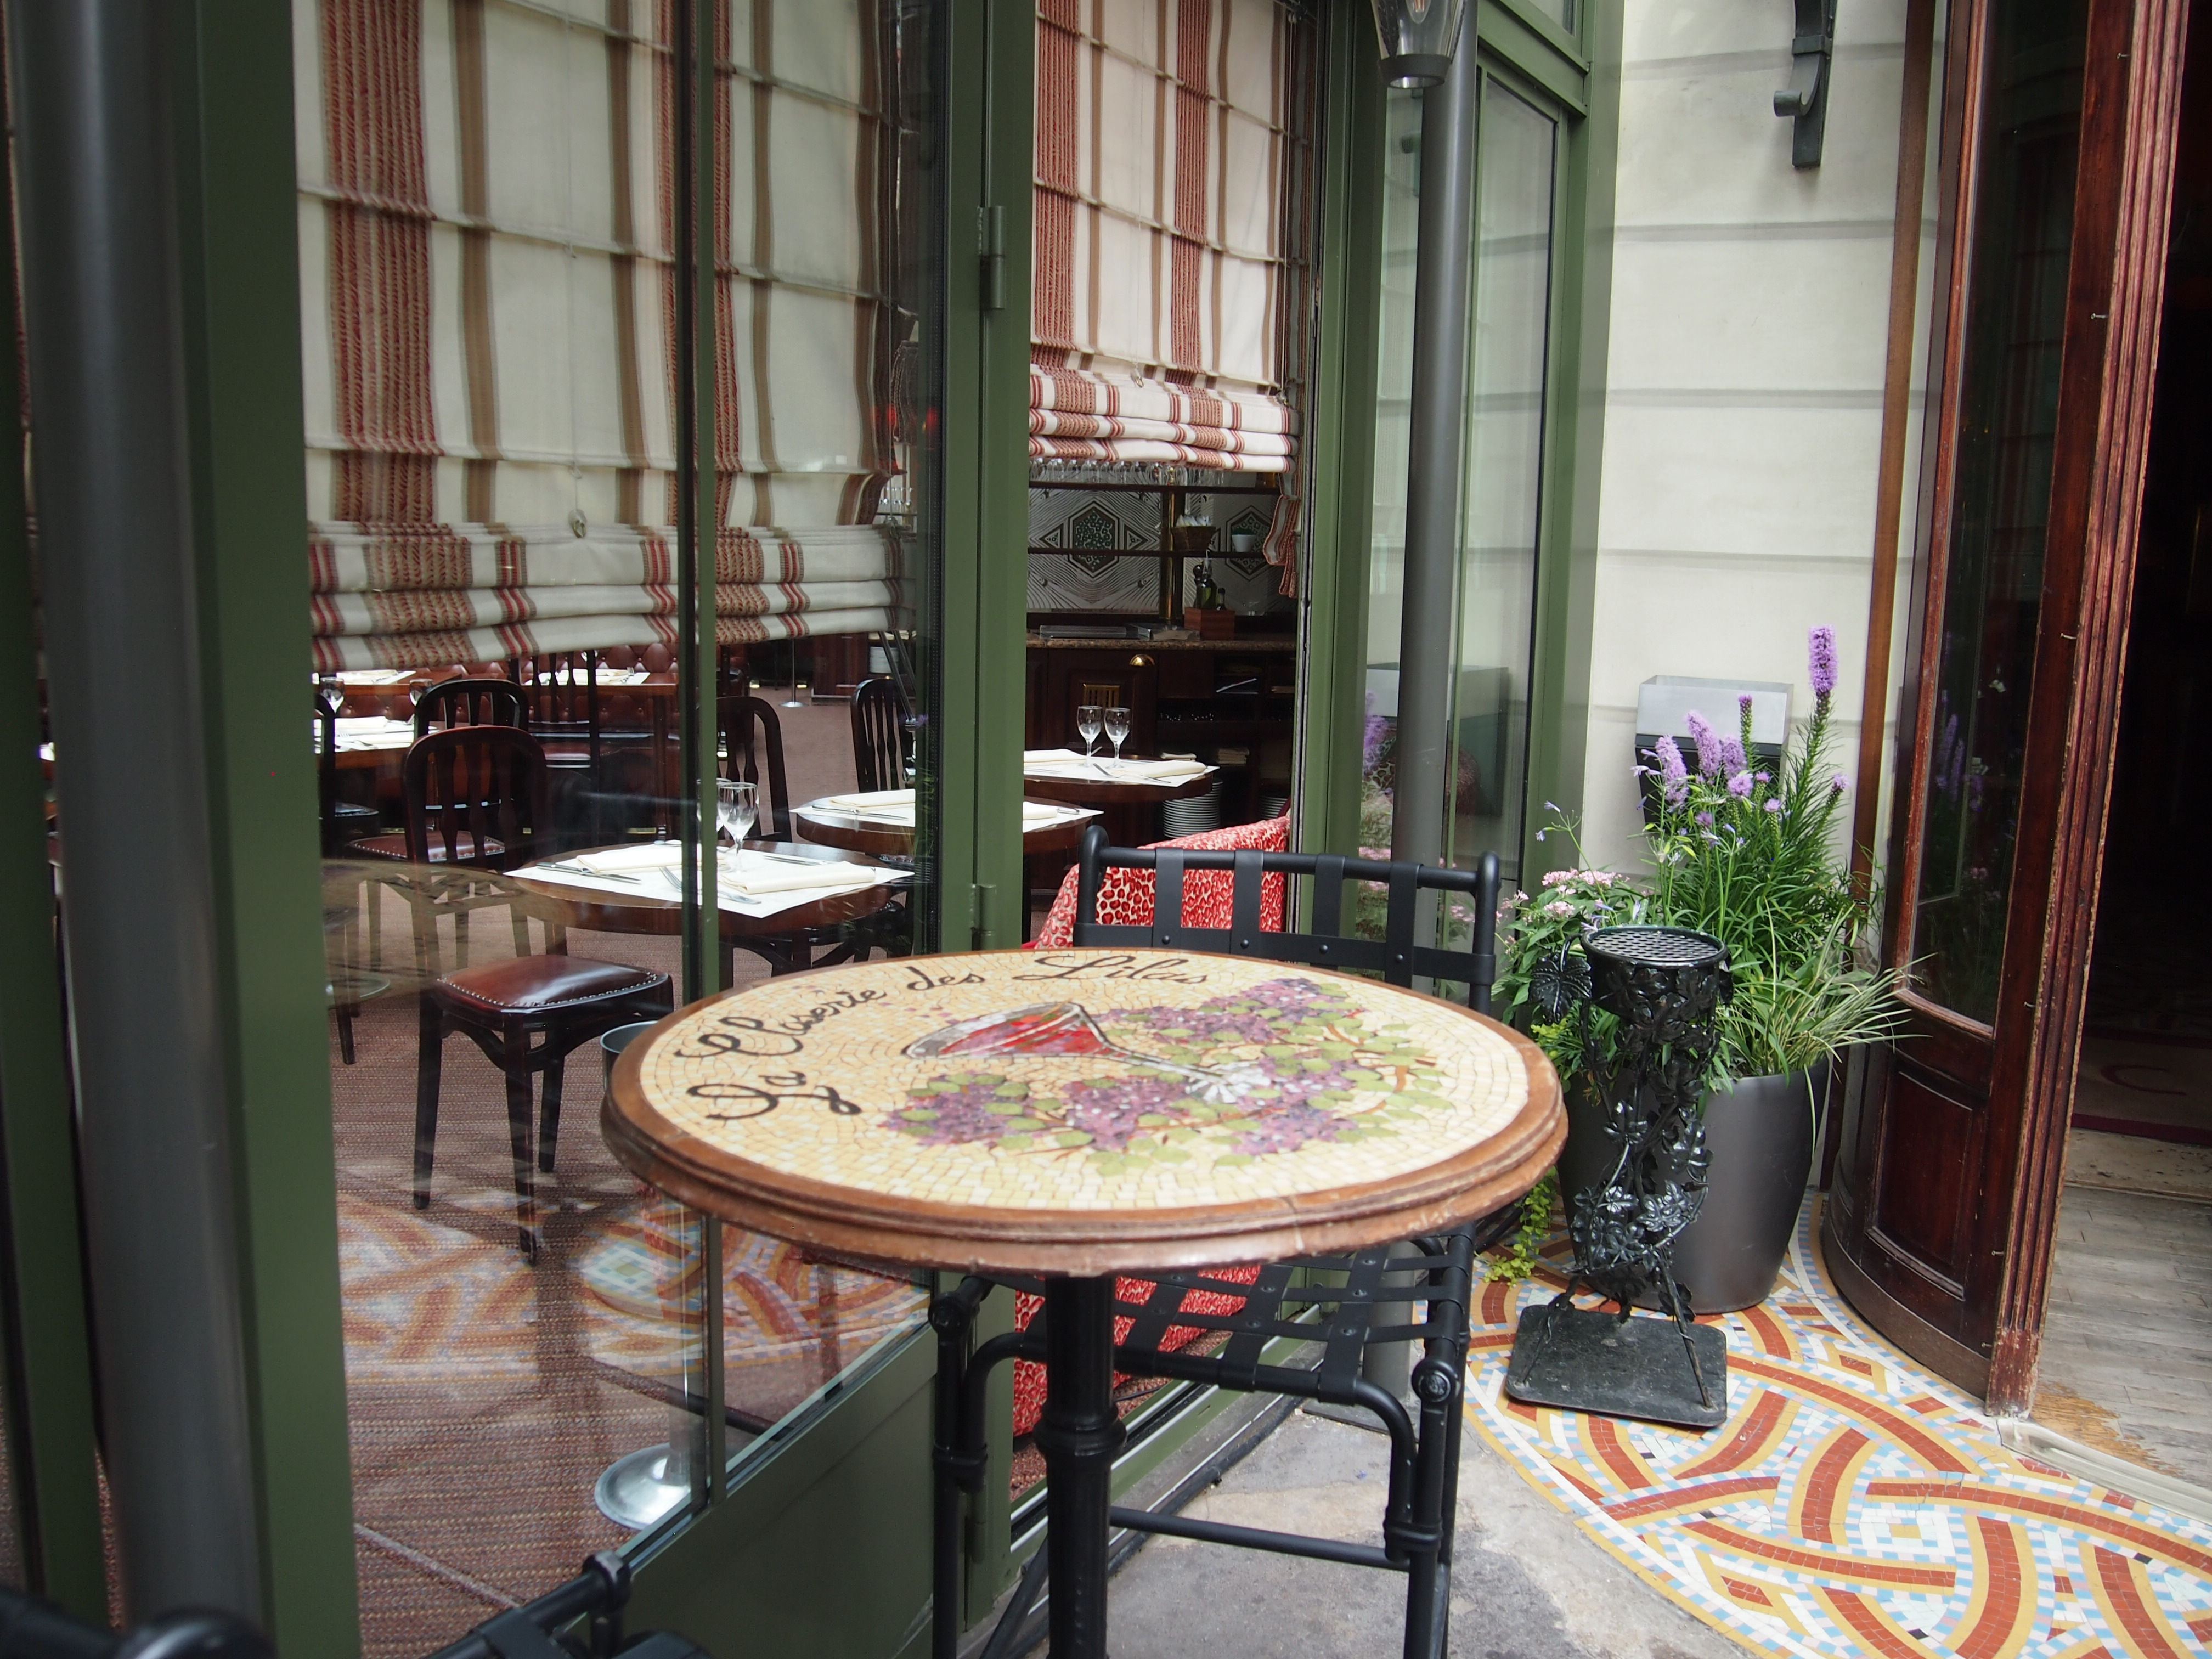 在綠意扶疏的丁香園, 彷彿遇見了1920年的海明威 | 巴黎民宿.散步巴黎民宿